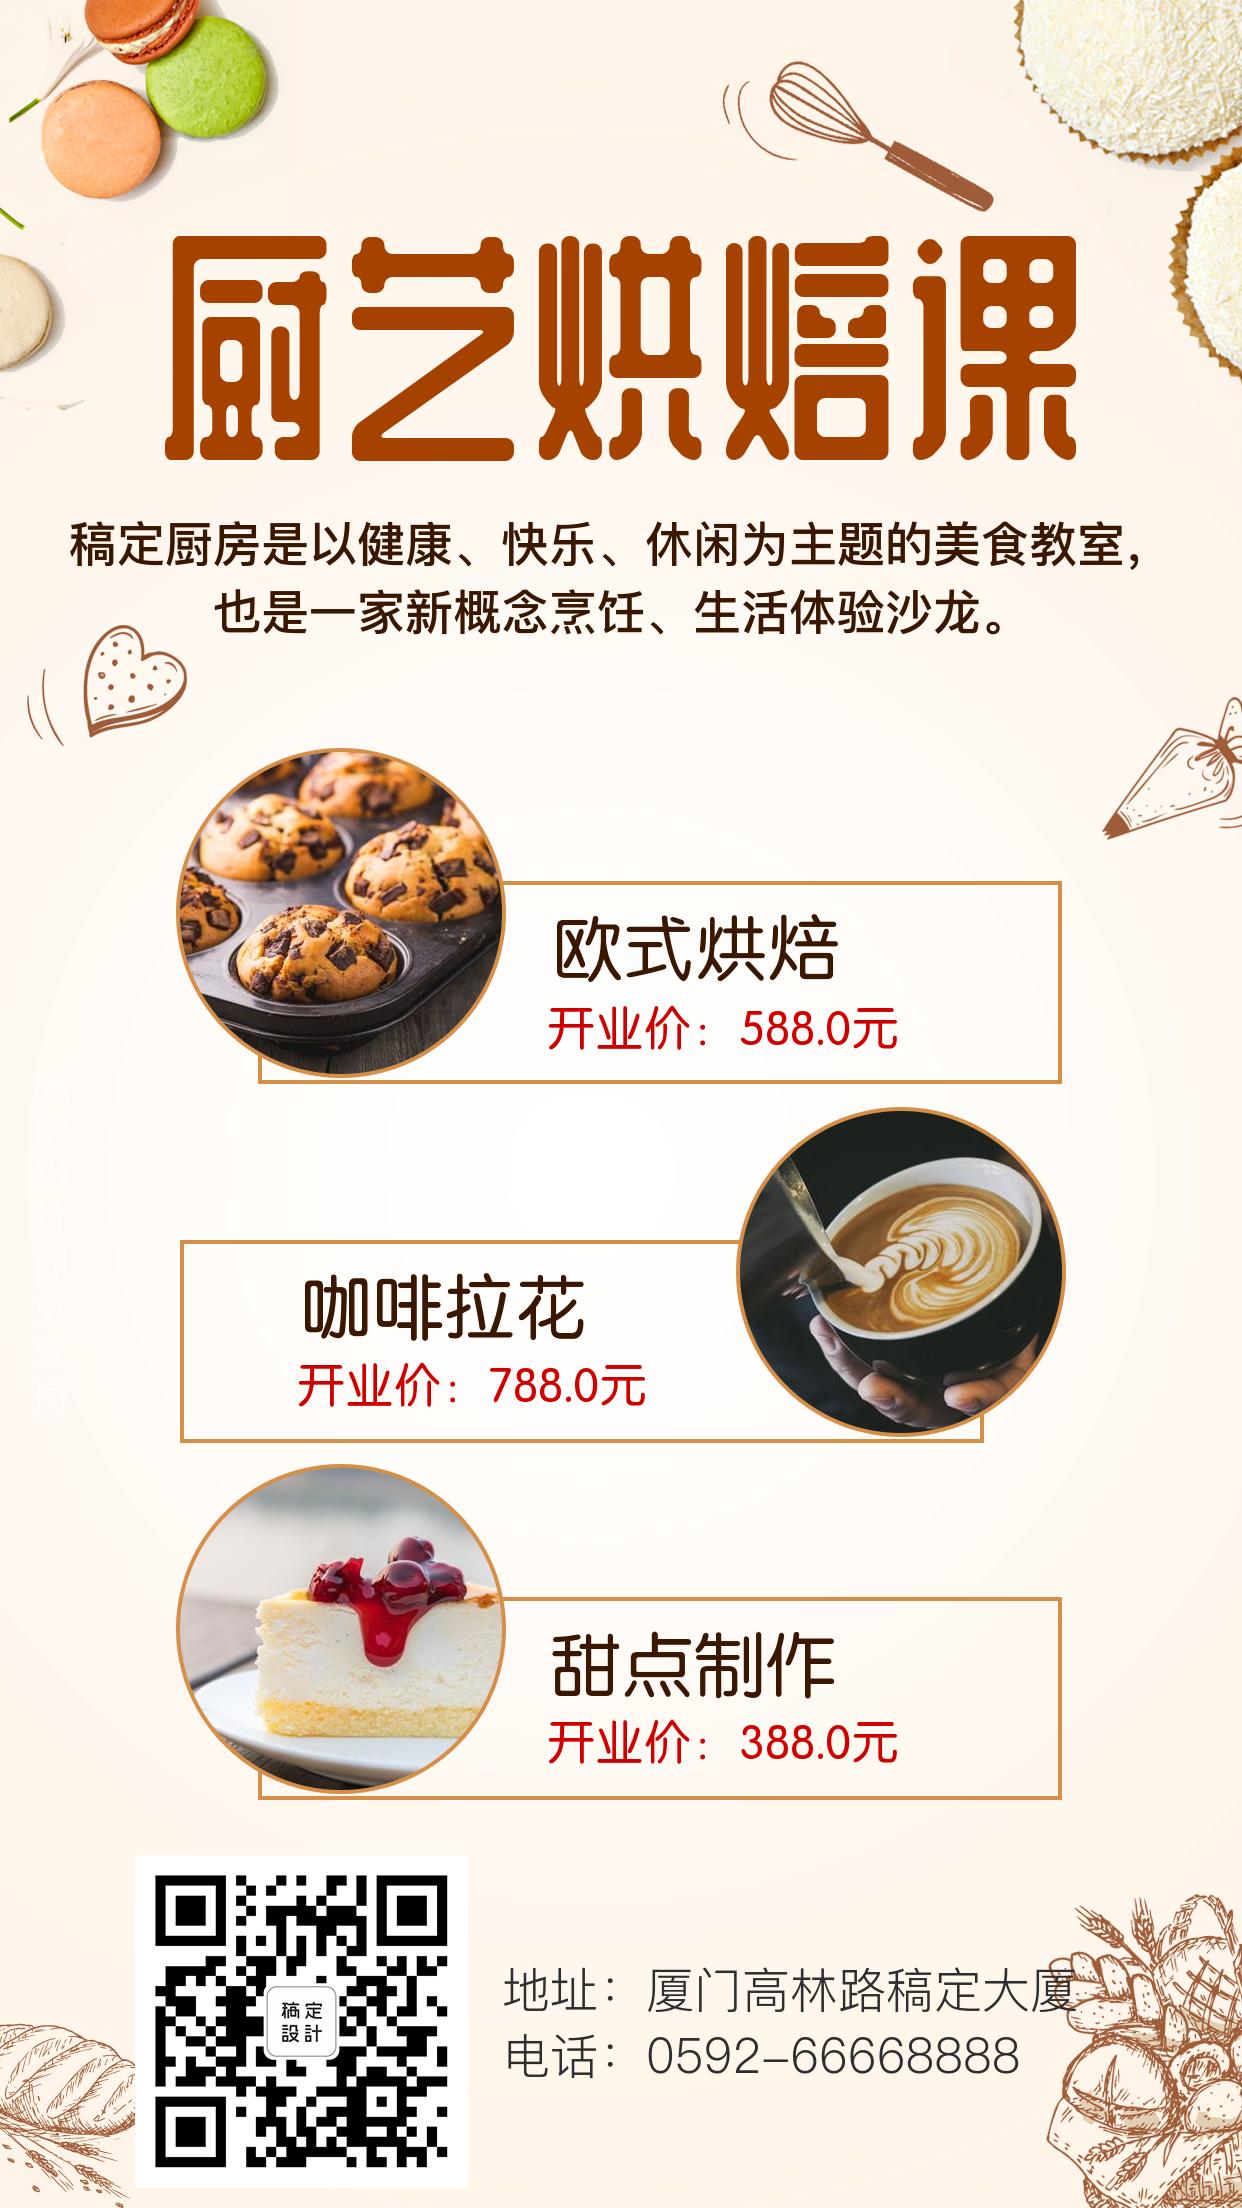 厨艺烘培烹饪甜点美食课程介绍